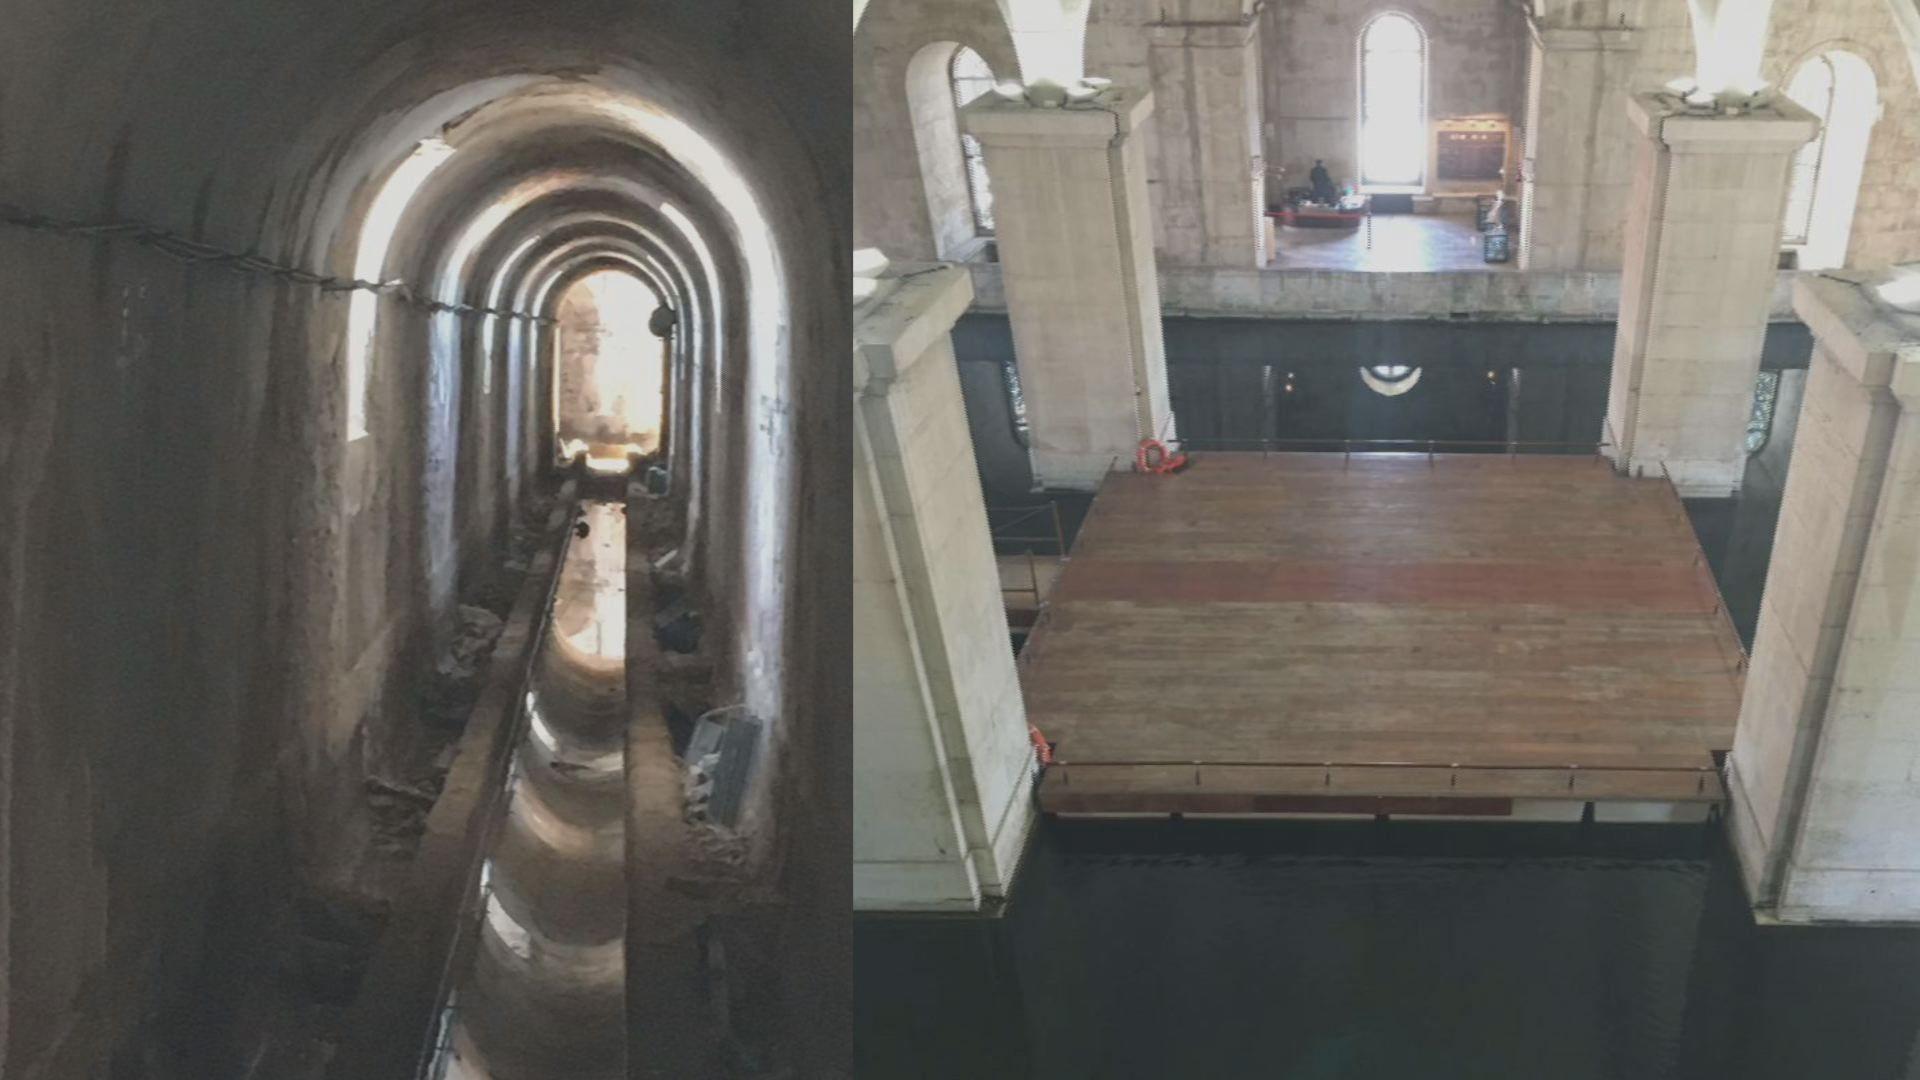 Un hito de la ingeniería: Los túneles fueron construídos en los siglos XVIII y XIX y conectaban depósitos como el Mae d'Água das Amoreiras (derecha) y el acueducto de Aguas Libres